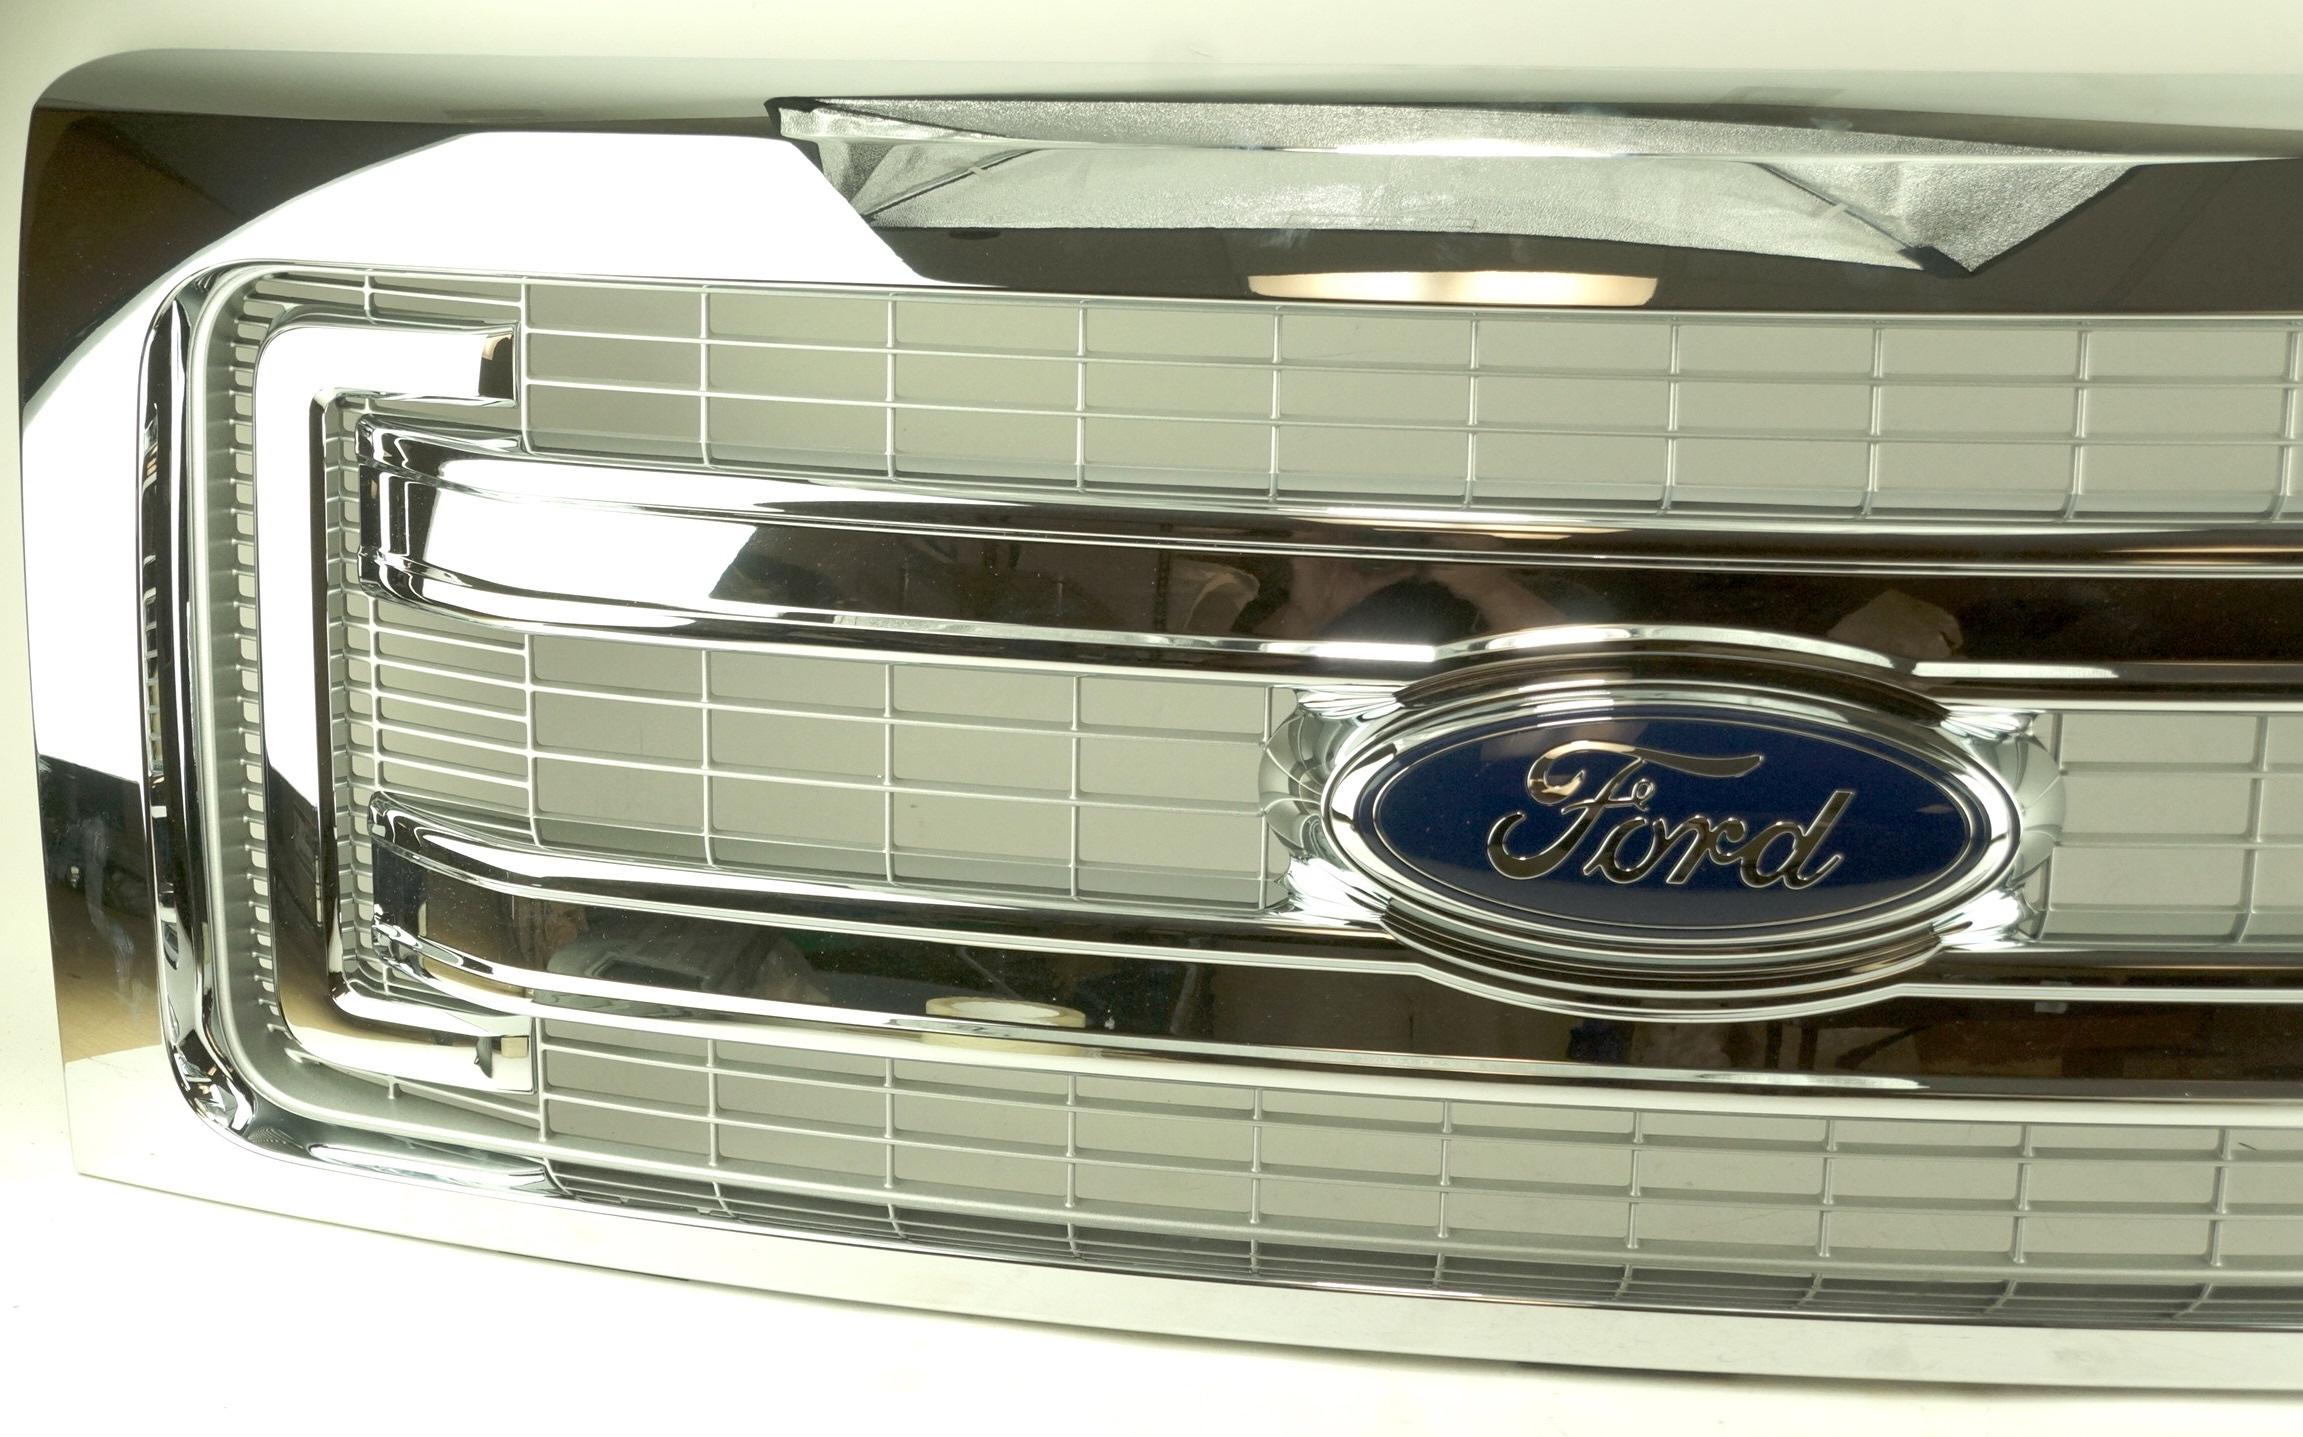 New Genuine OEM DL3Z8200BA Ford Front Grille Assembly w/ Emblem 09-14 F-150 XLT - image 2